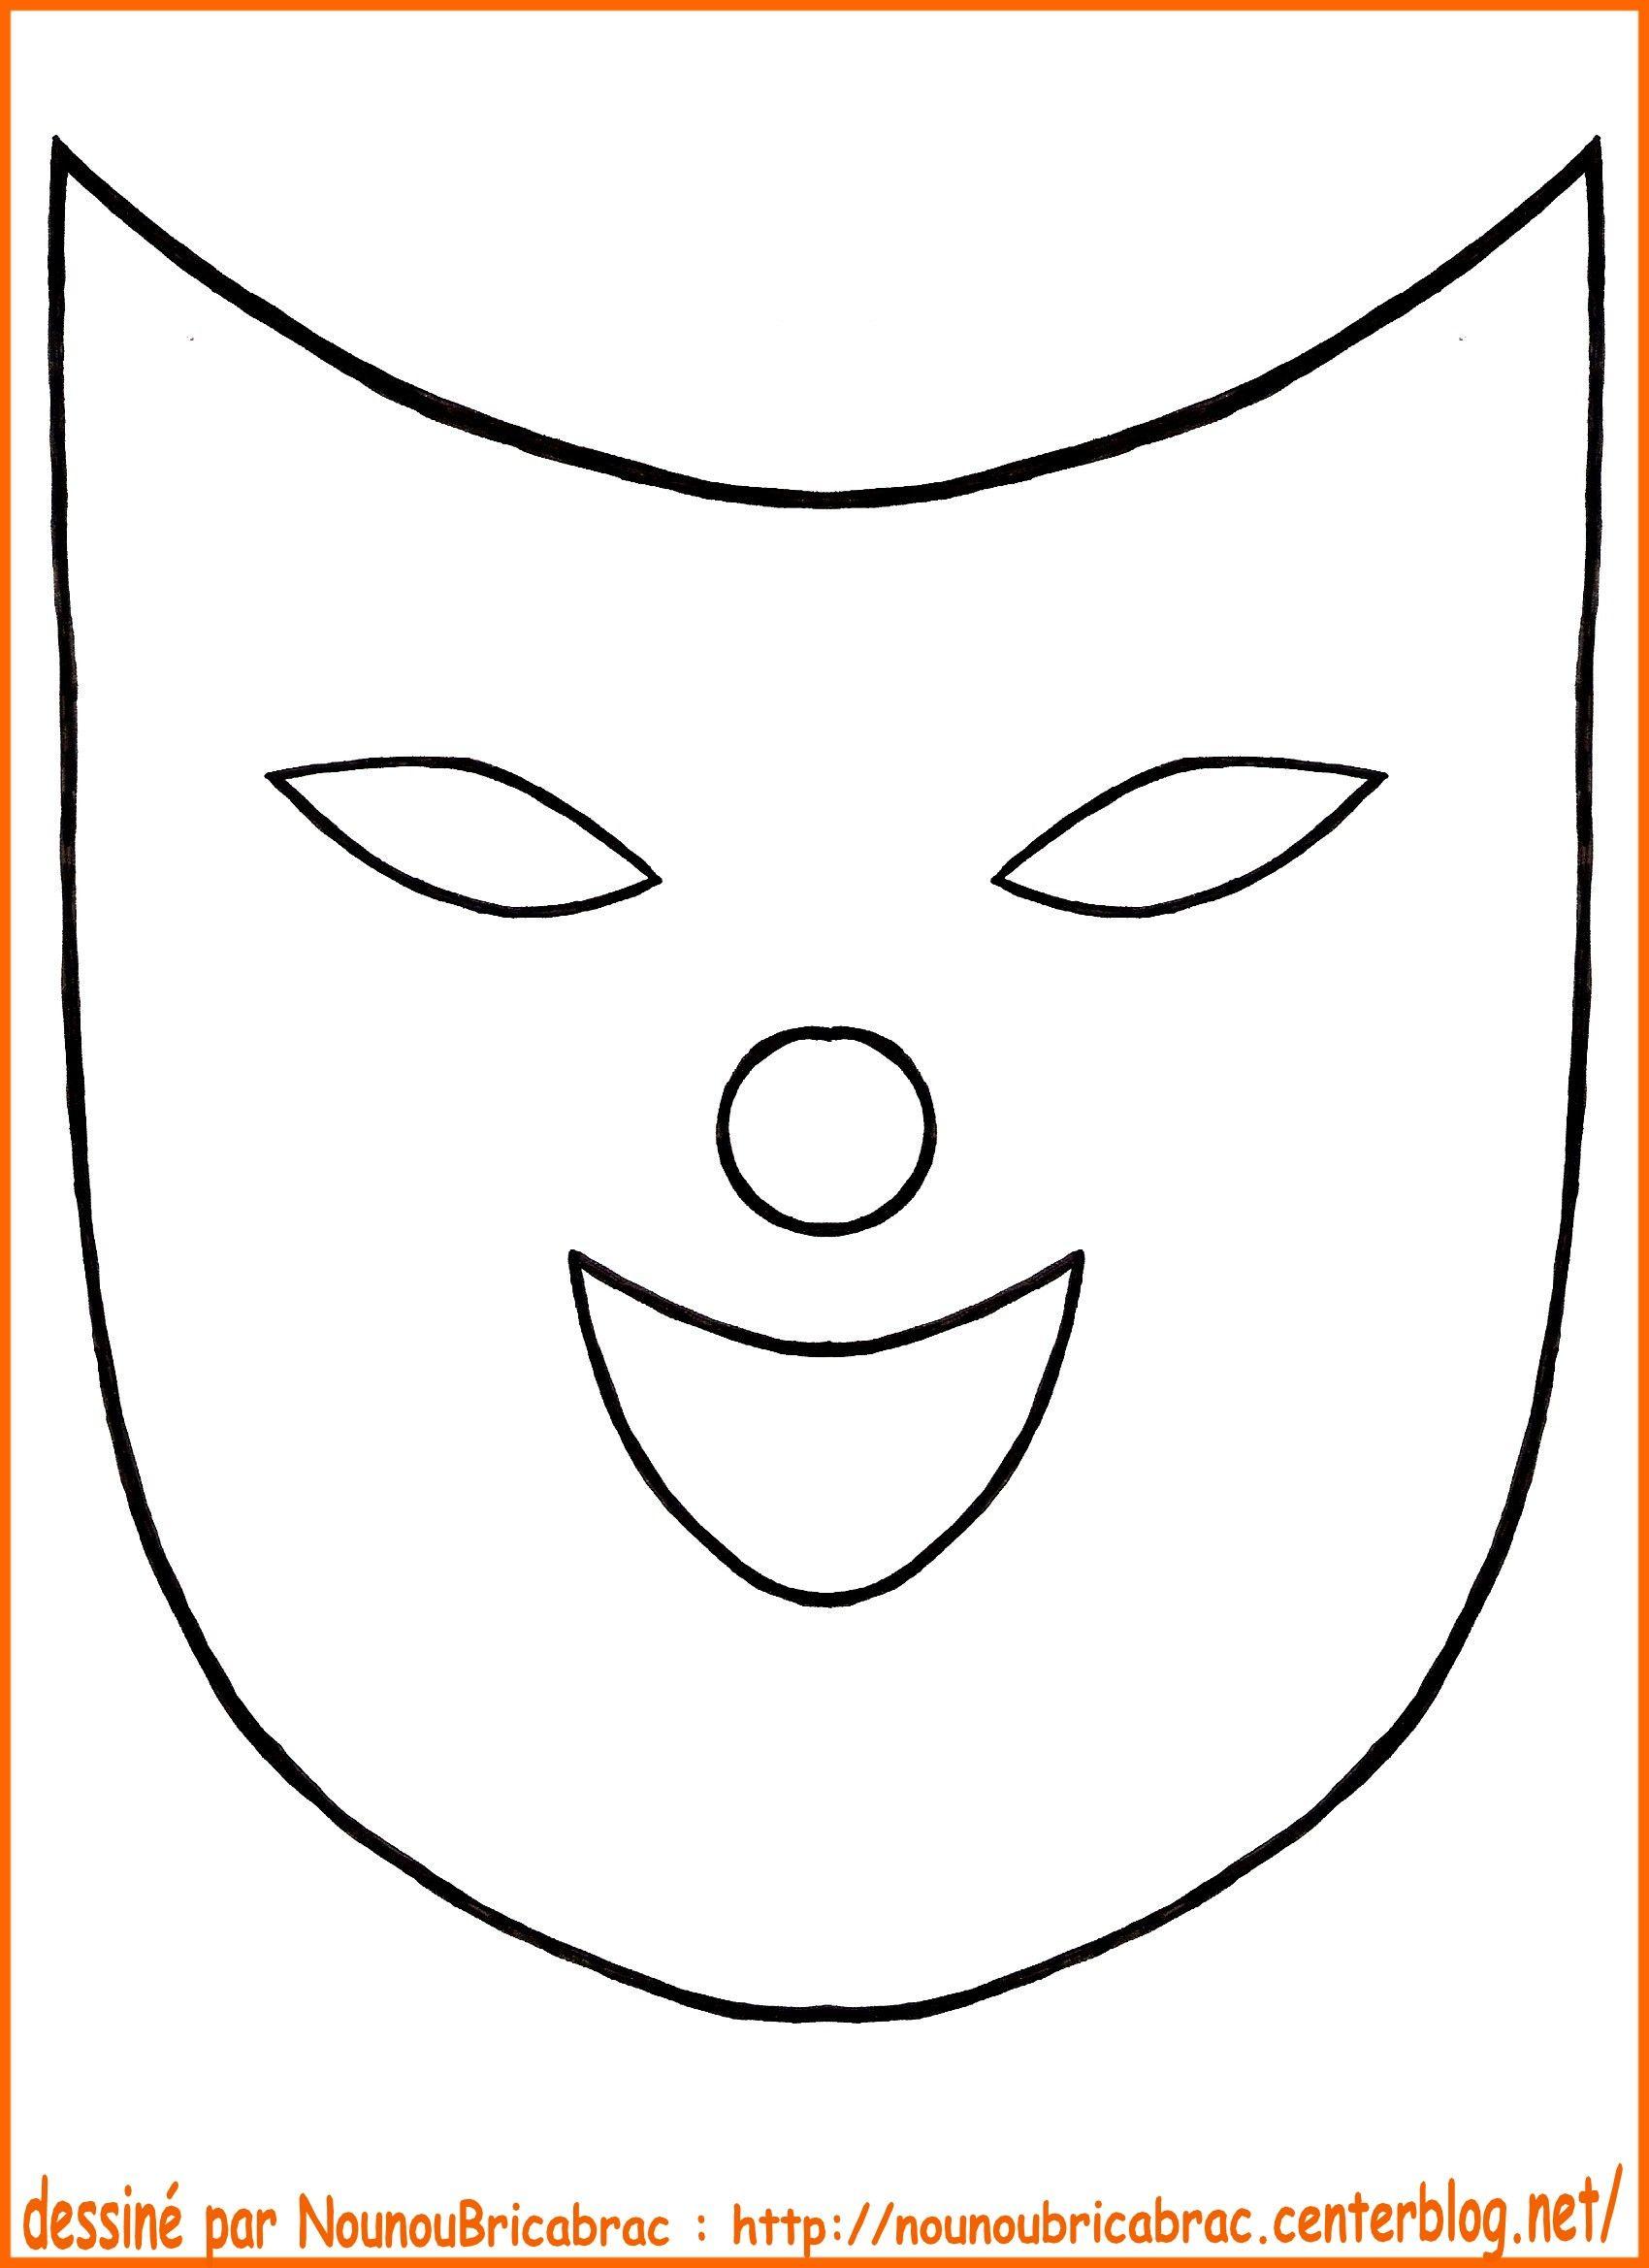 Coloriage masque de loup page 2 memes - Masque de carnaval a imprimer ...